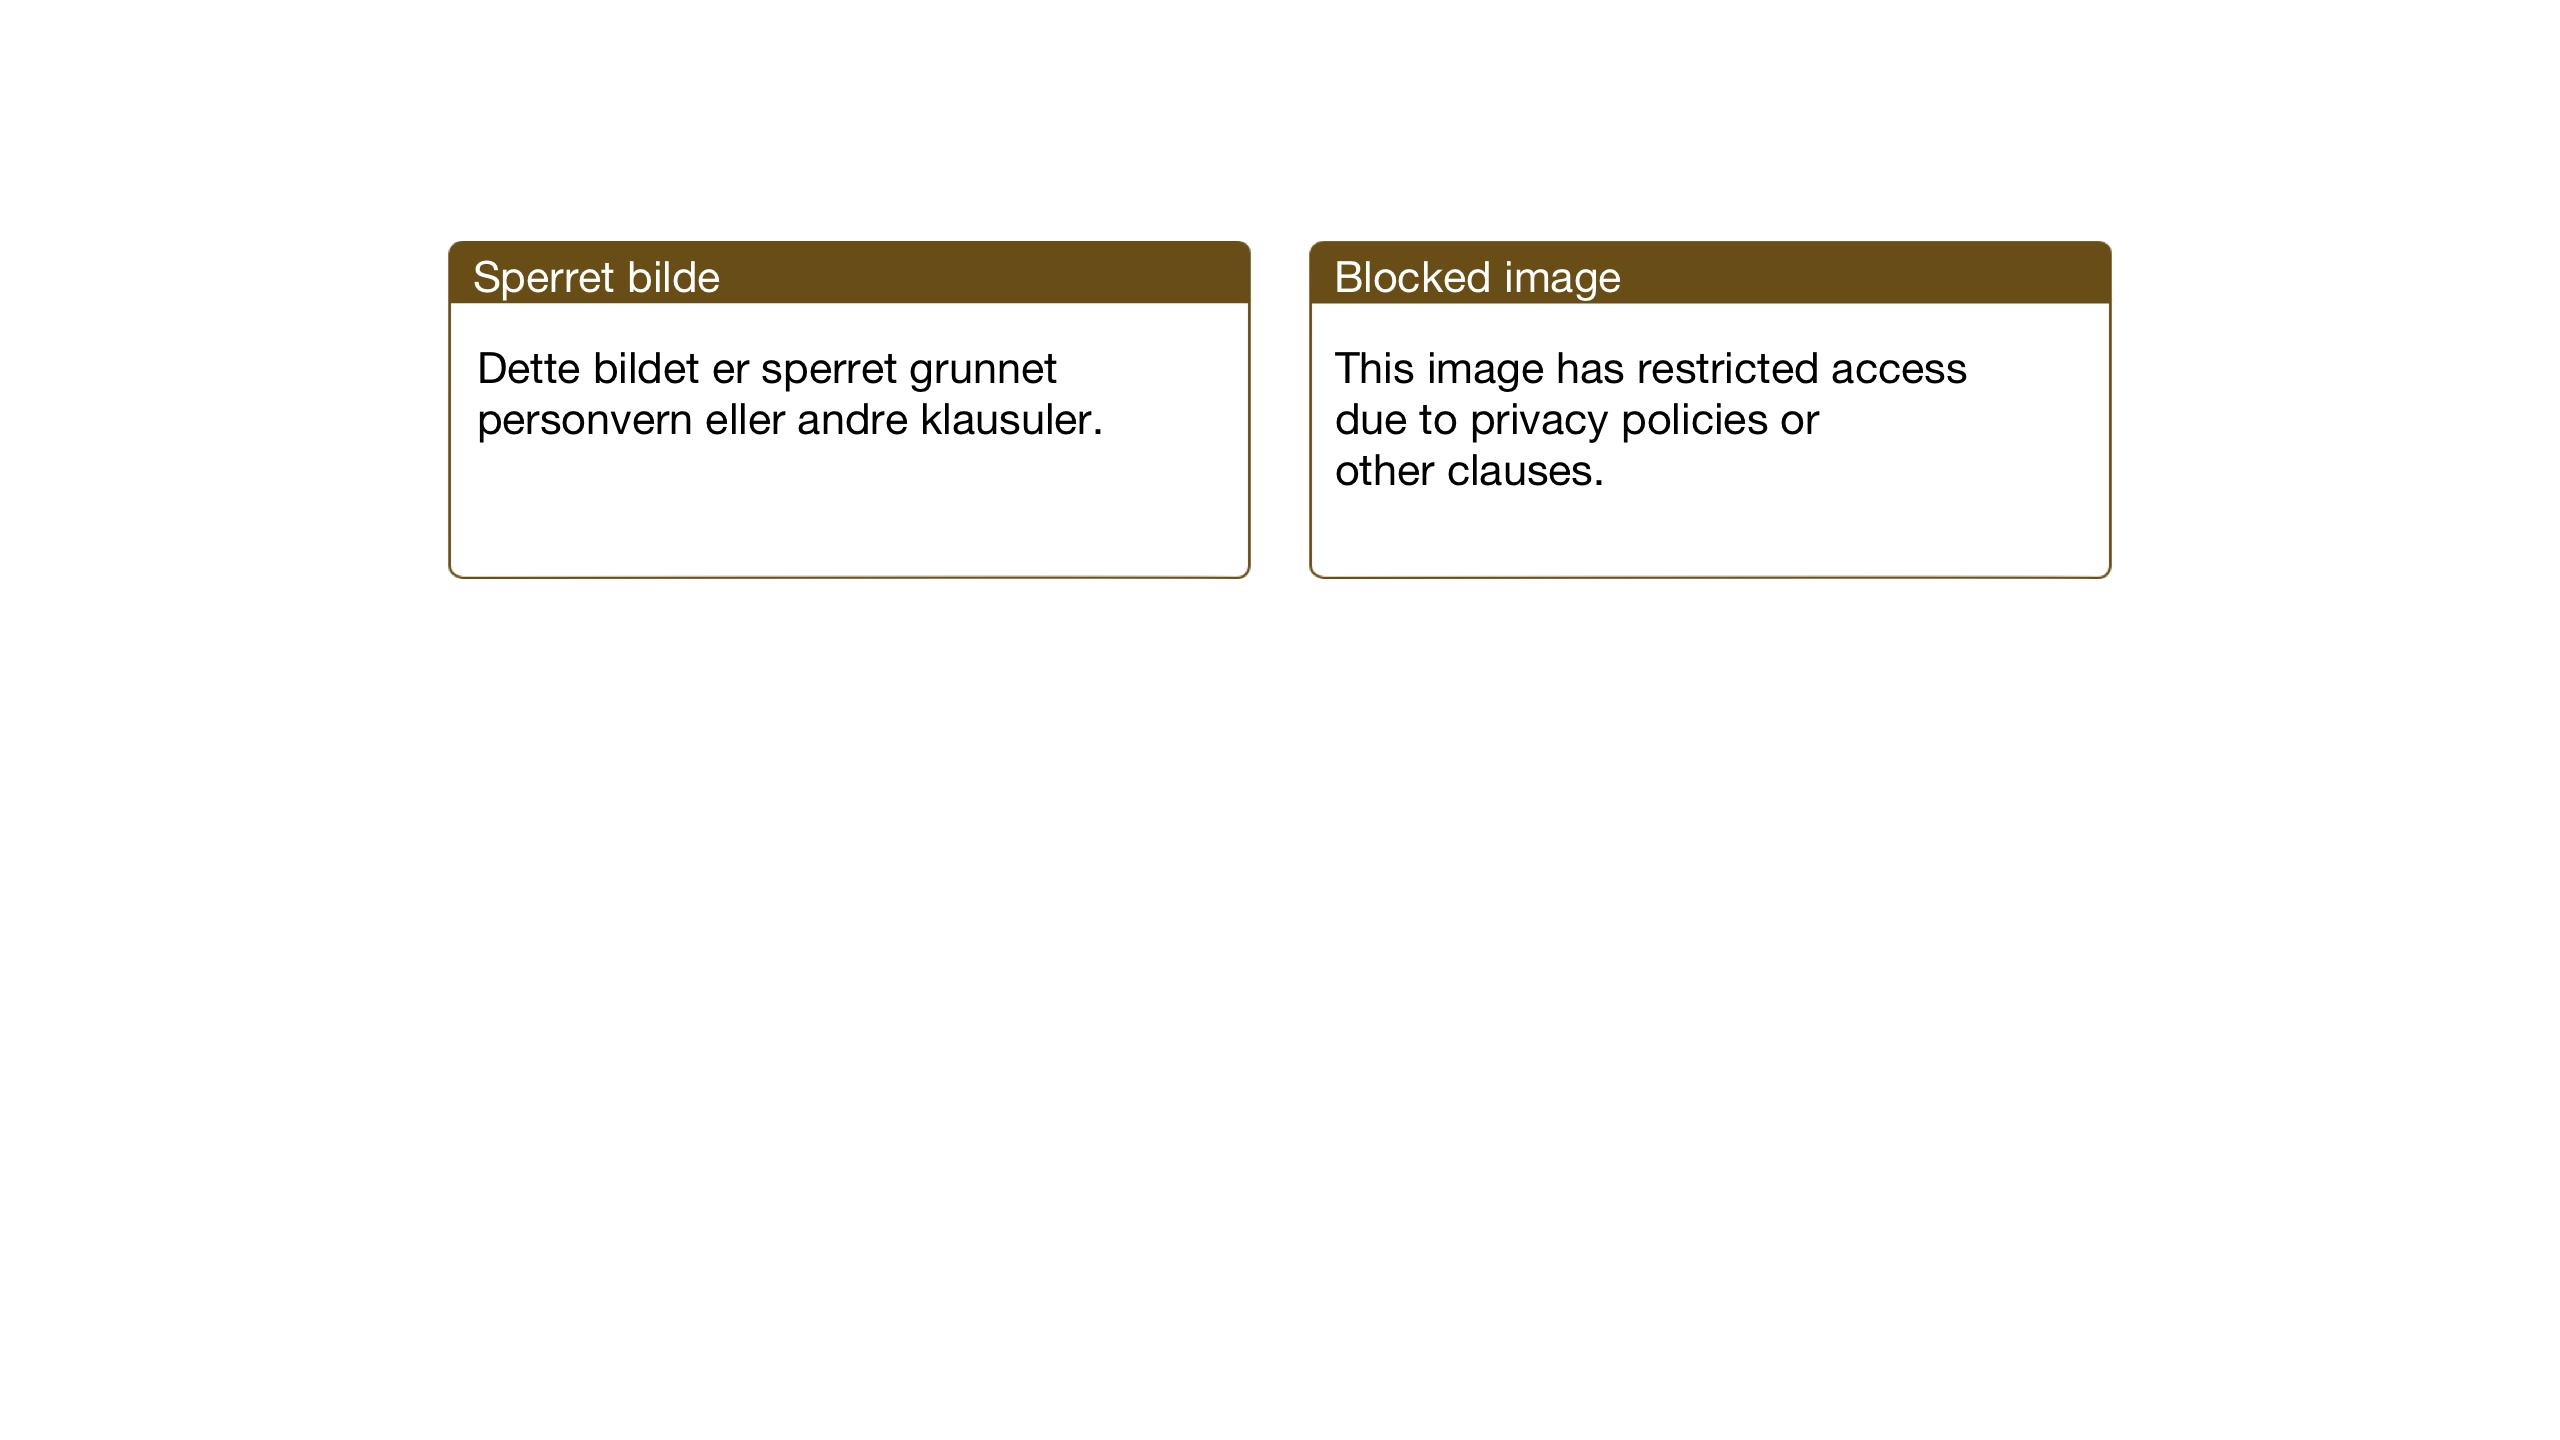 SAT, Ministerialprotokoller, klokkerbøker og fødselsregistre - Sør-Trøndelag, 655/L0690: Klokkerbok nr. 655C06, 1937-1950, s. 13